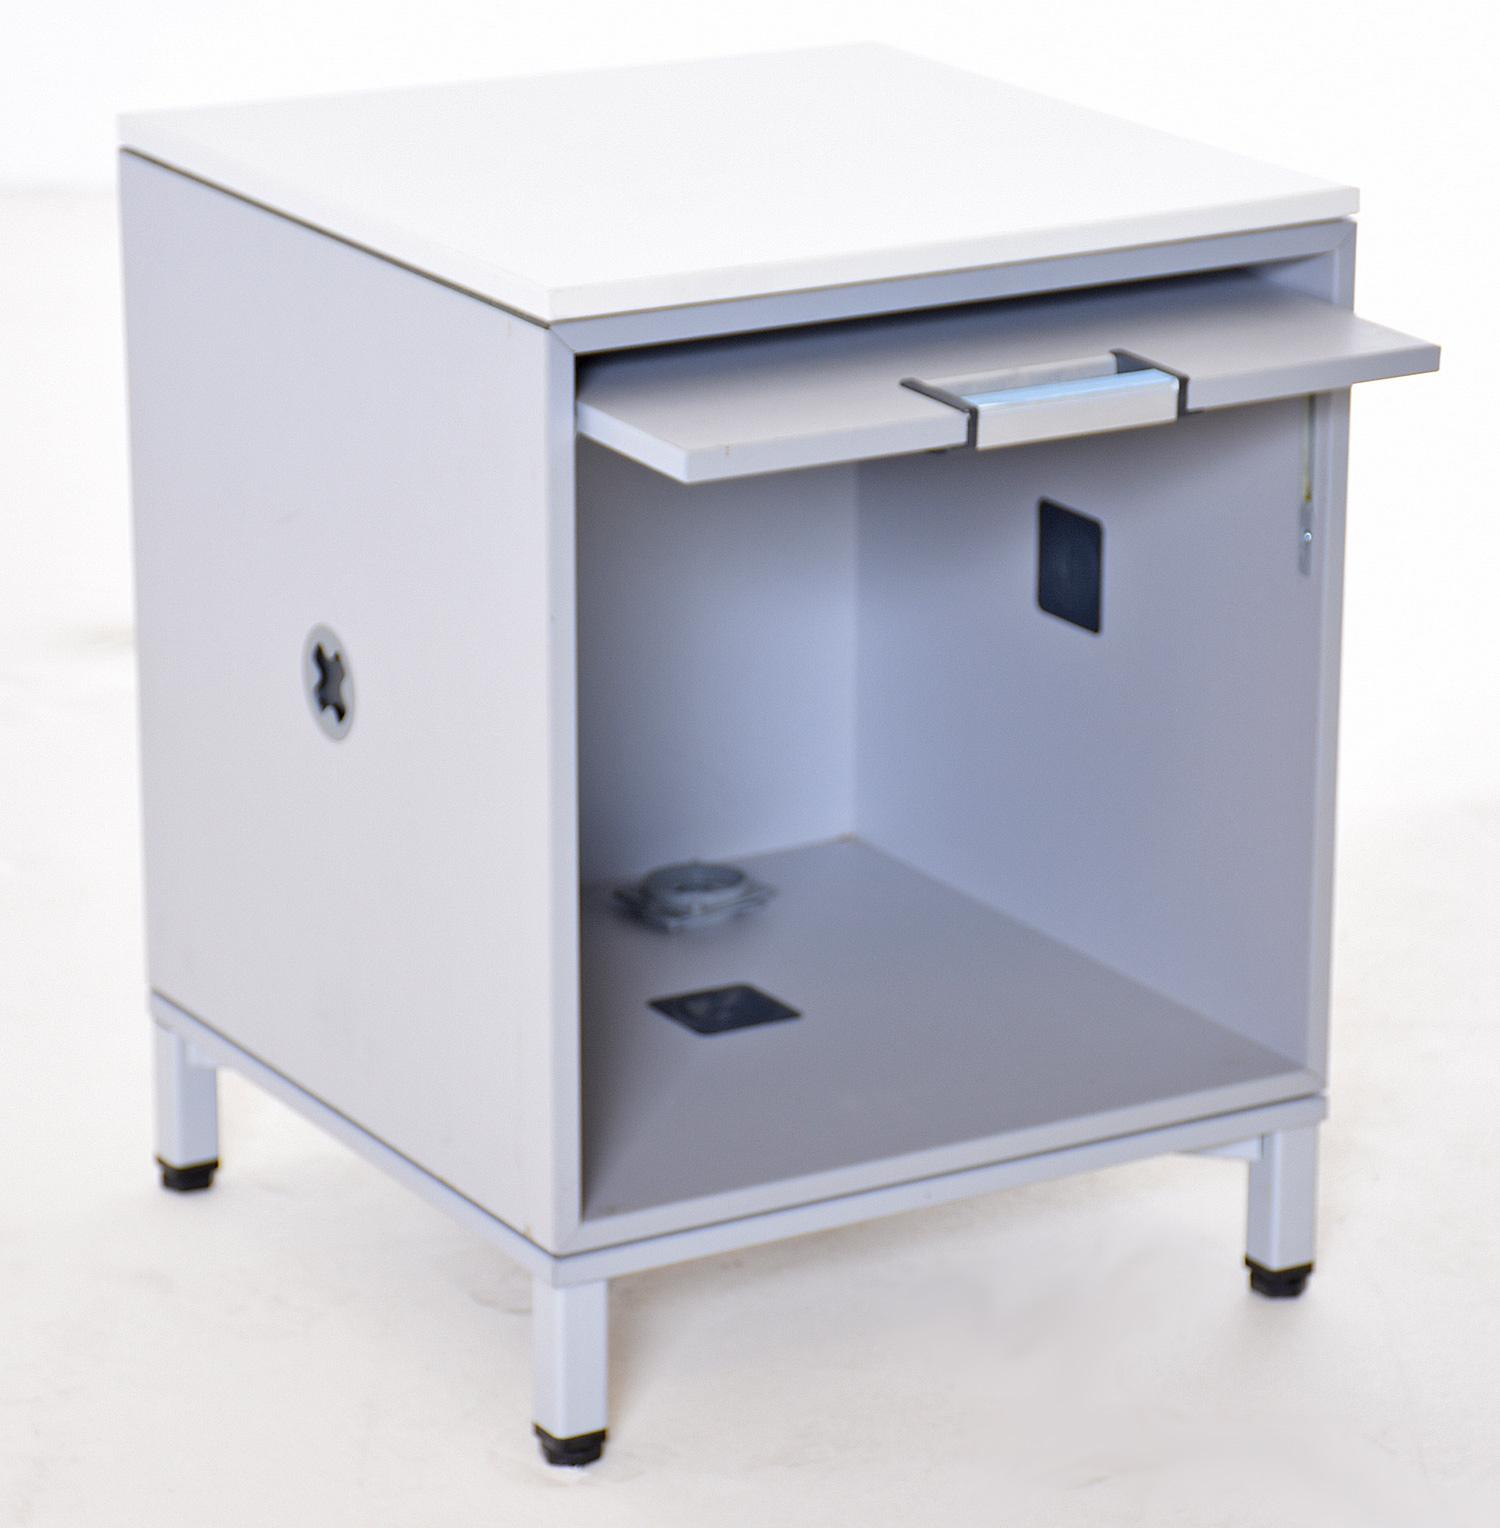 service schrank steelcase 35675 gebrauchte b rom bel 100 cm breite sideboards 2 3 oh. Black Bedroom Furniture Sets. Home Design Ideas